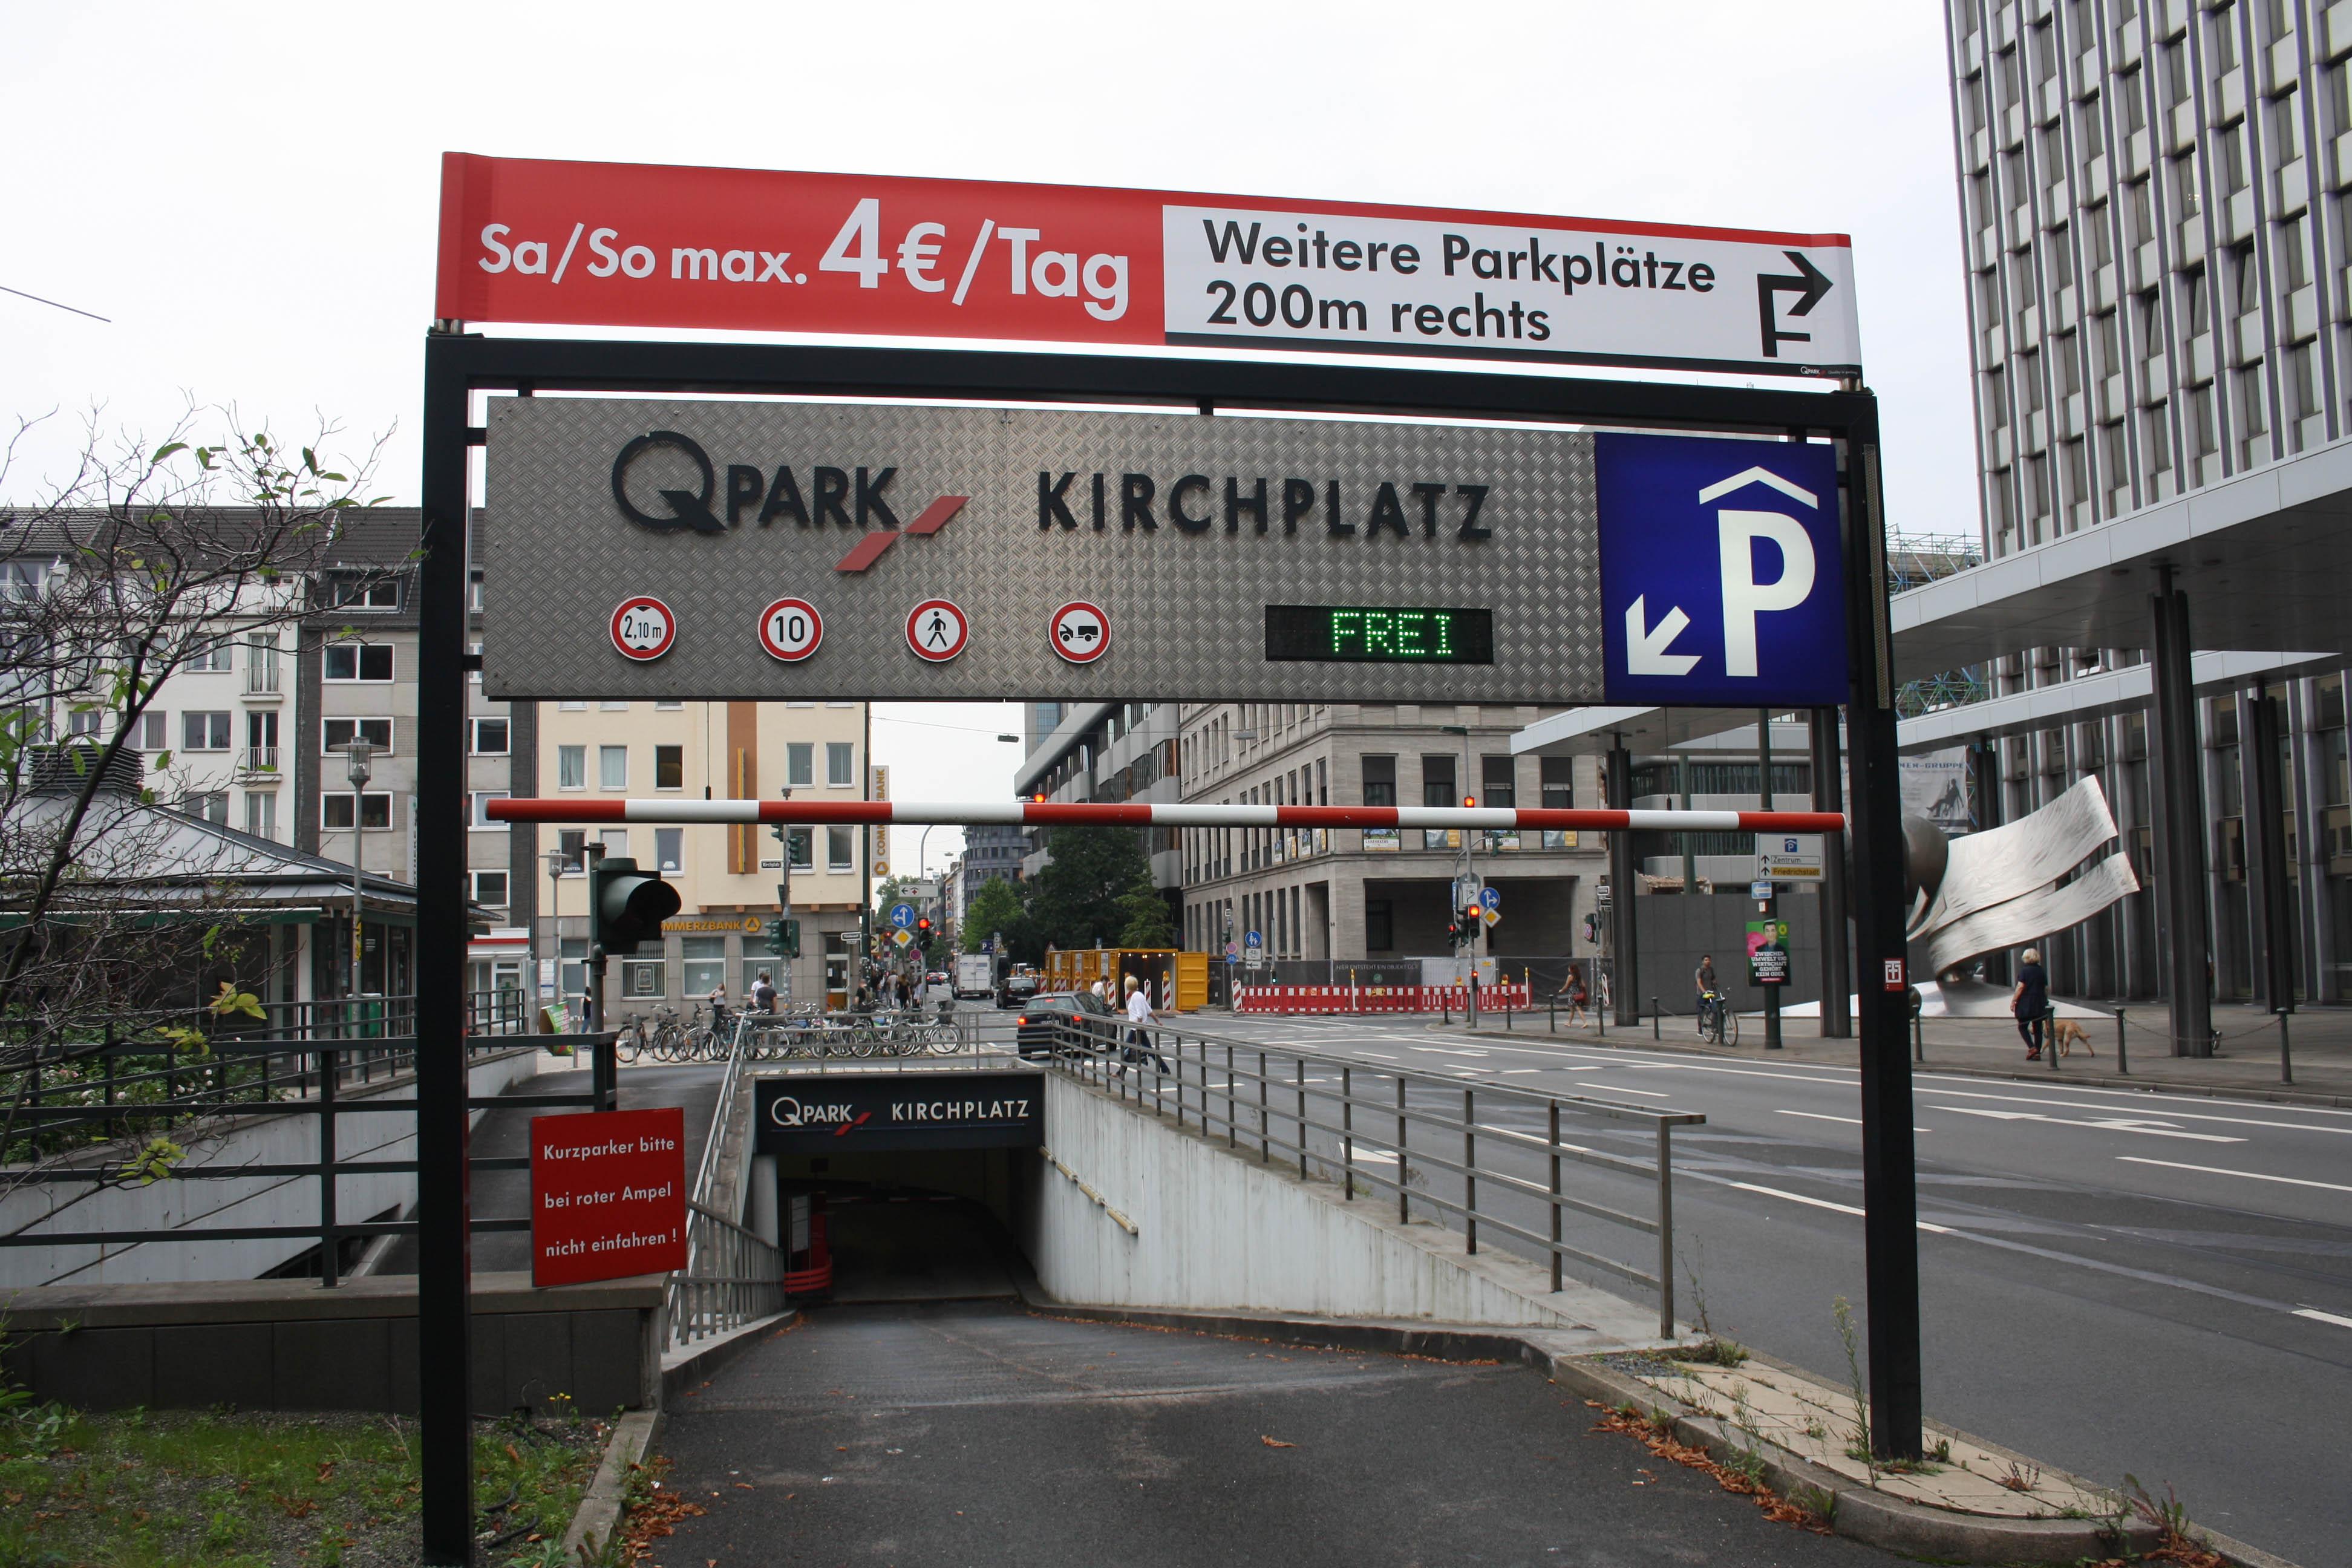 Charlottenstraße düsseldorf preise